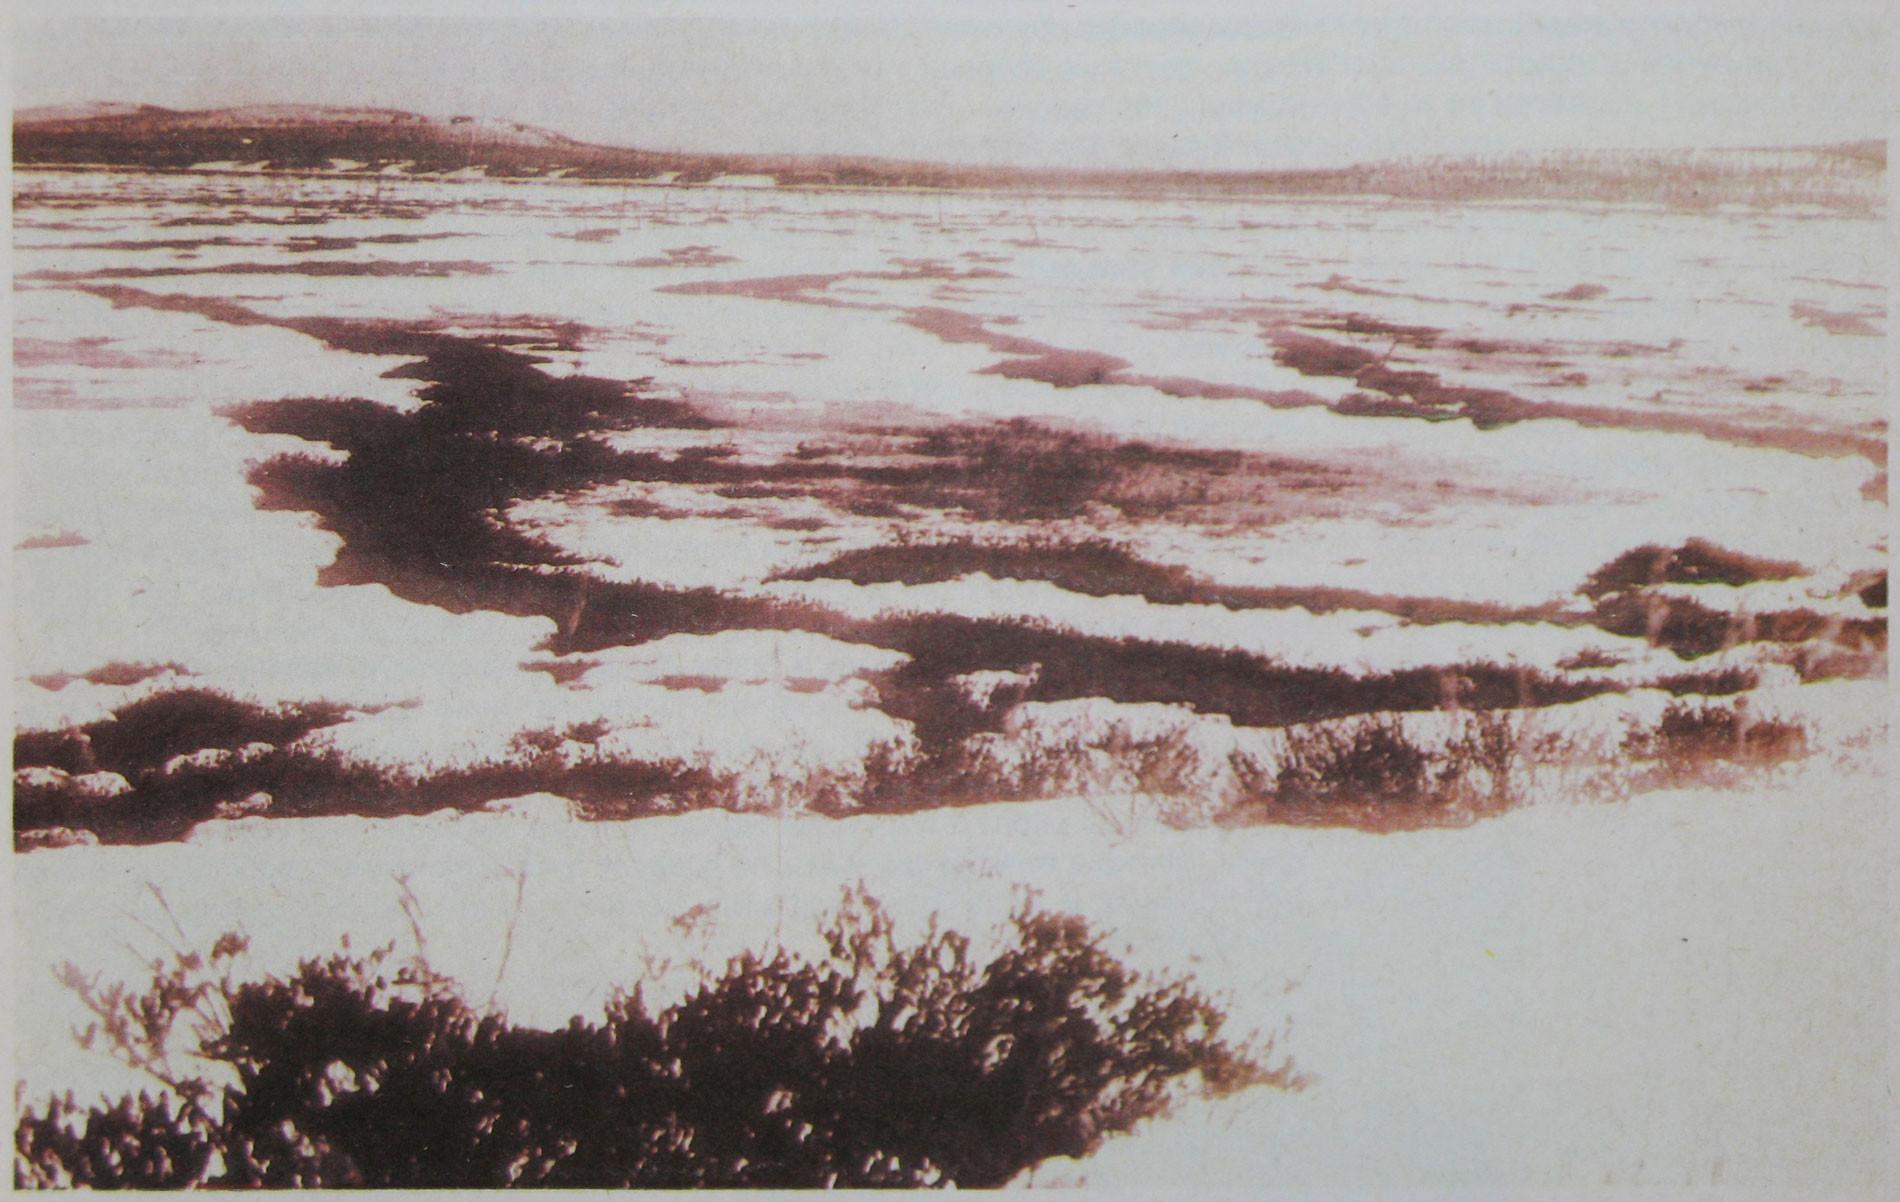 """Топи Тунгуски, в районе которых упал метеорит. Фотография из журнала """"Вокруг света"""", 1931 год. Фото © wikipedia"""